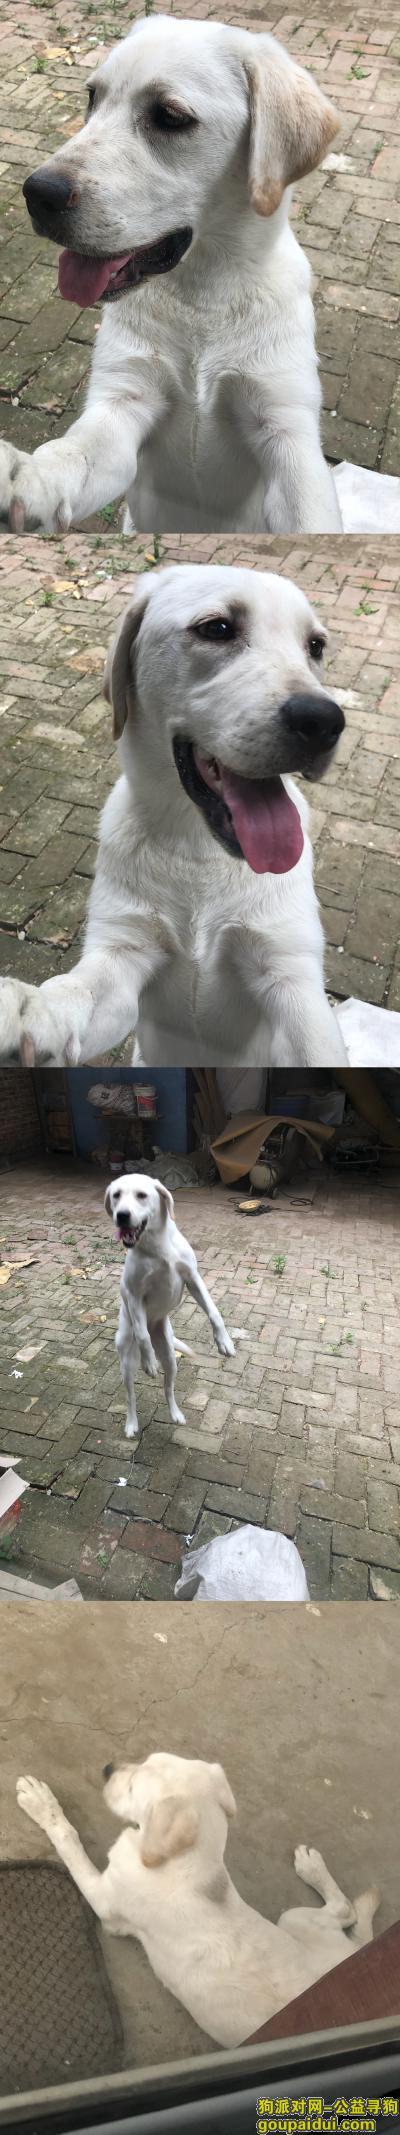 泰安寻狗,白色拉布拉多6个月尾巴尖偏黄,左鼻头偏白,它是一只非常可爱的宠物狗狗,希望它早日回家,不要变成流浪狗。